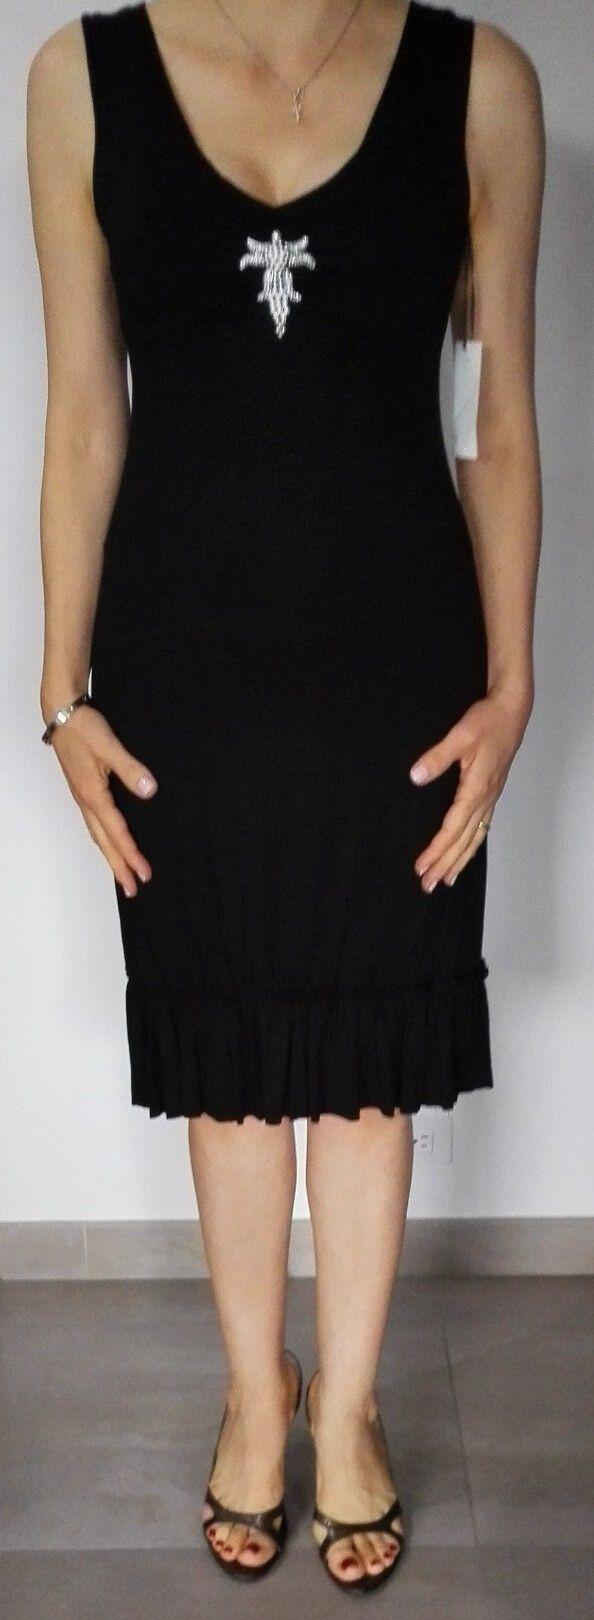 Vertigo Negro. Vestido negro, pegado al cuerpo con un pequeño escote frontal y recogido en la media pierna.